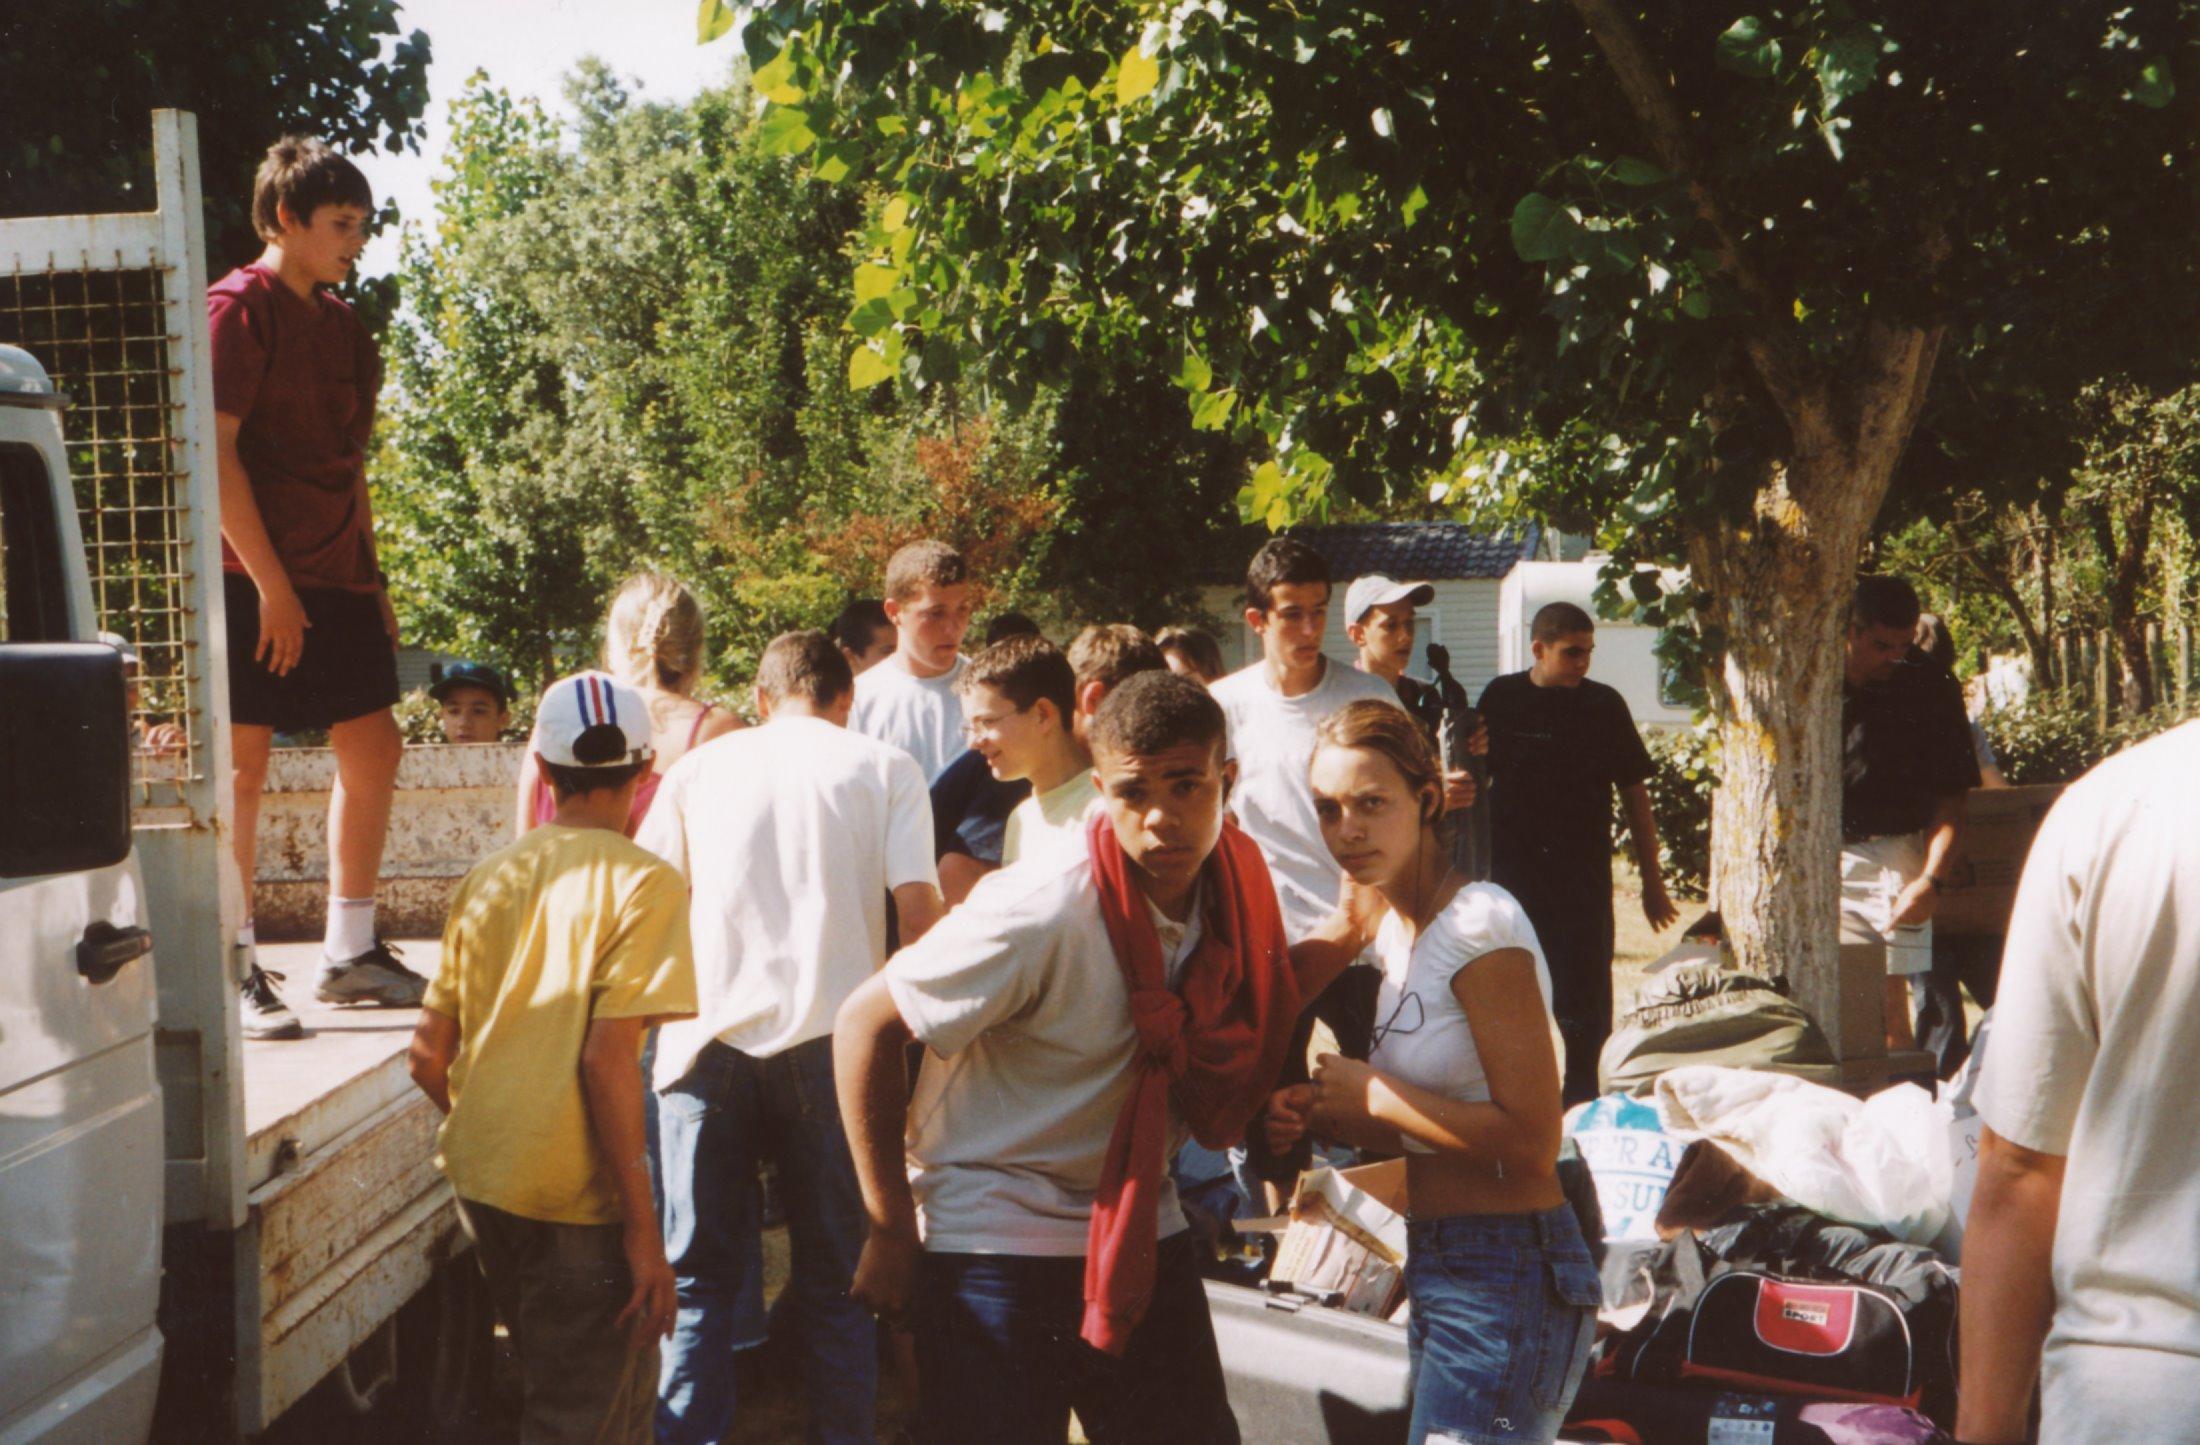 Archives anciens élèves mfr puy-sec 2002 (14)